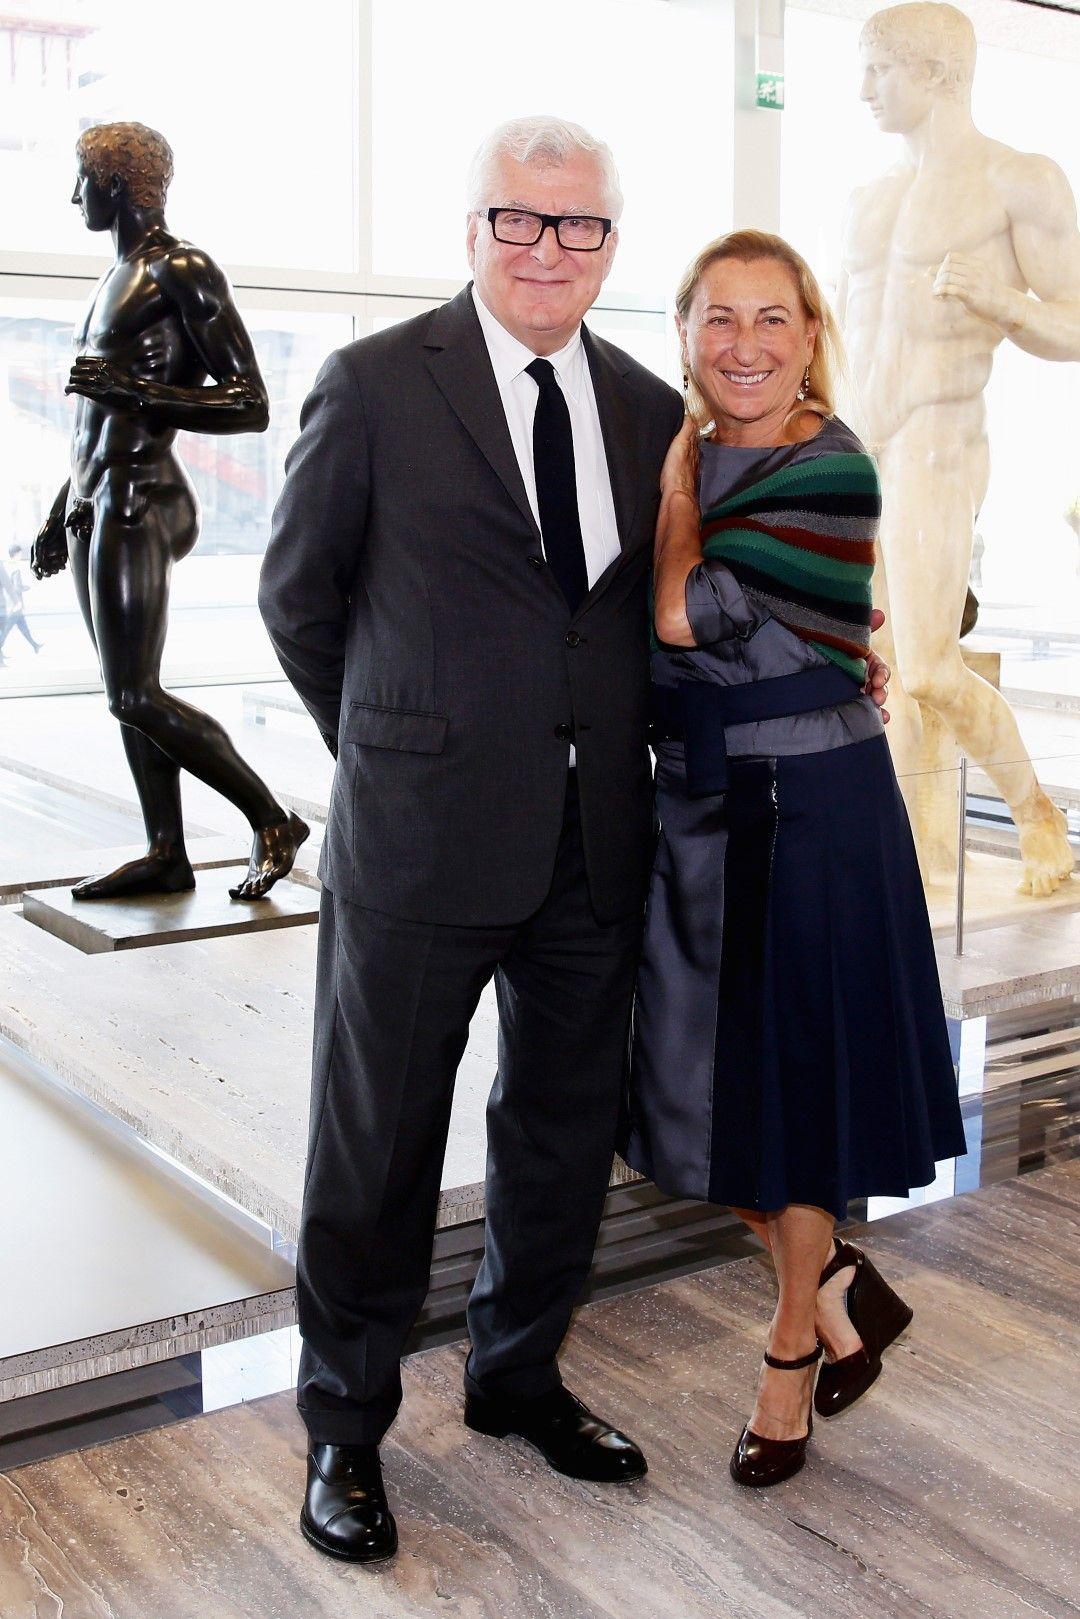 Миуча Прада със съпруга си Патрицио Бертели